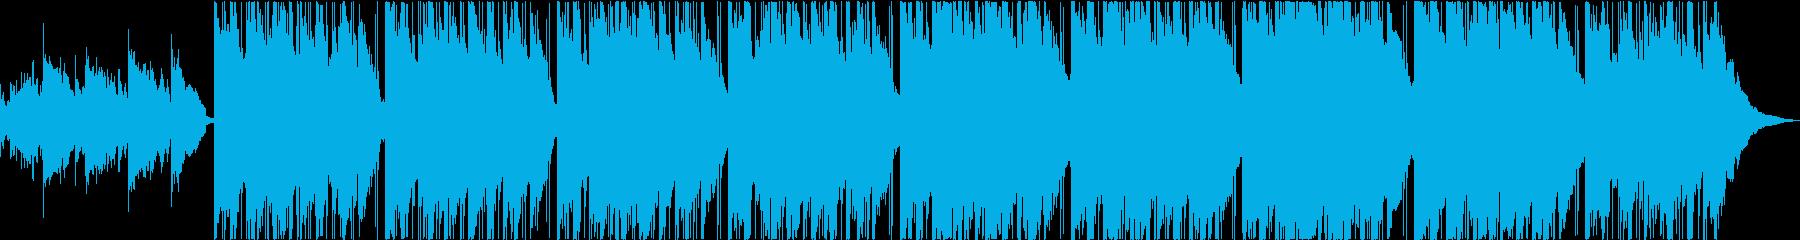 タブラとシンセ、透き通る神秘的なBGMの再生済みの波形